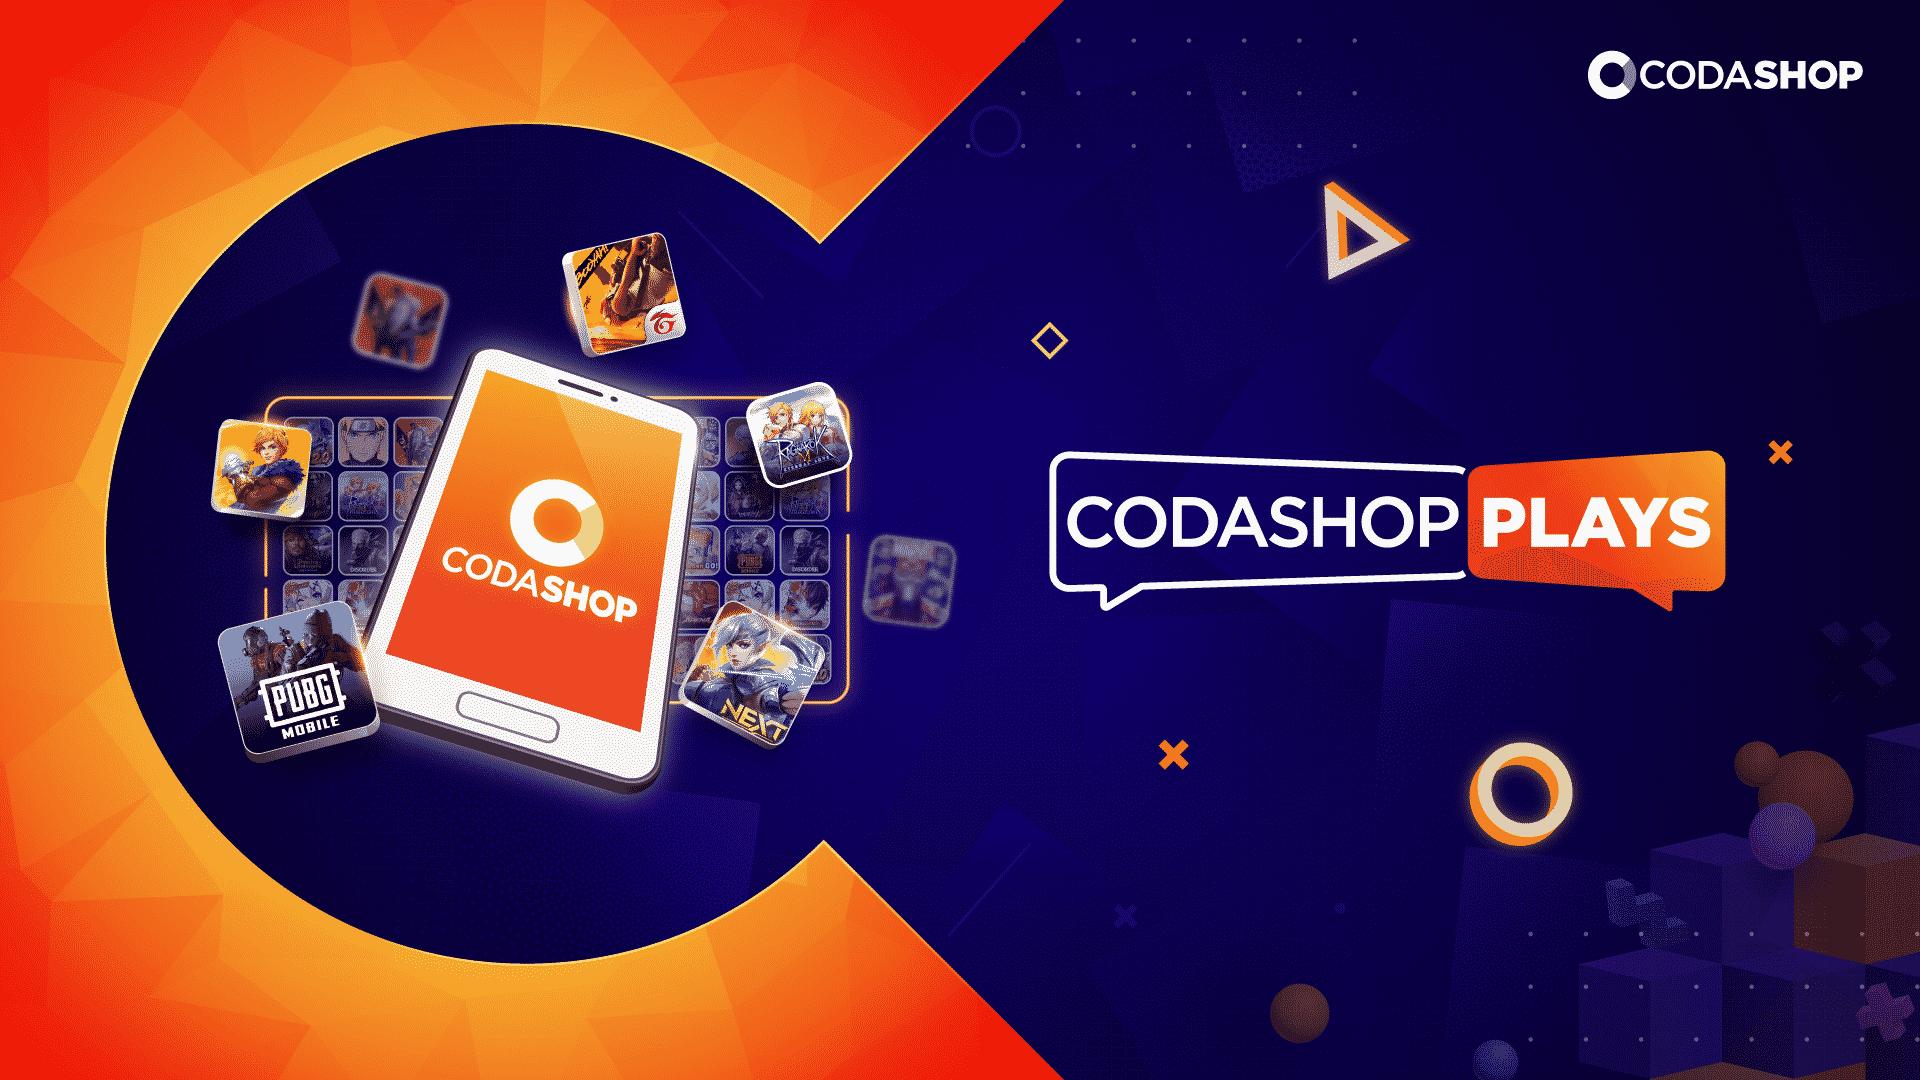 Link-Download-Codashop-Pro-APK-Versi-Terbaru-2021